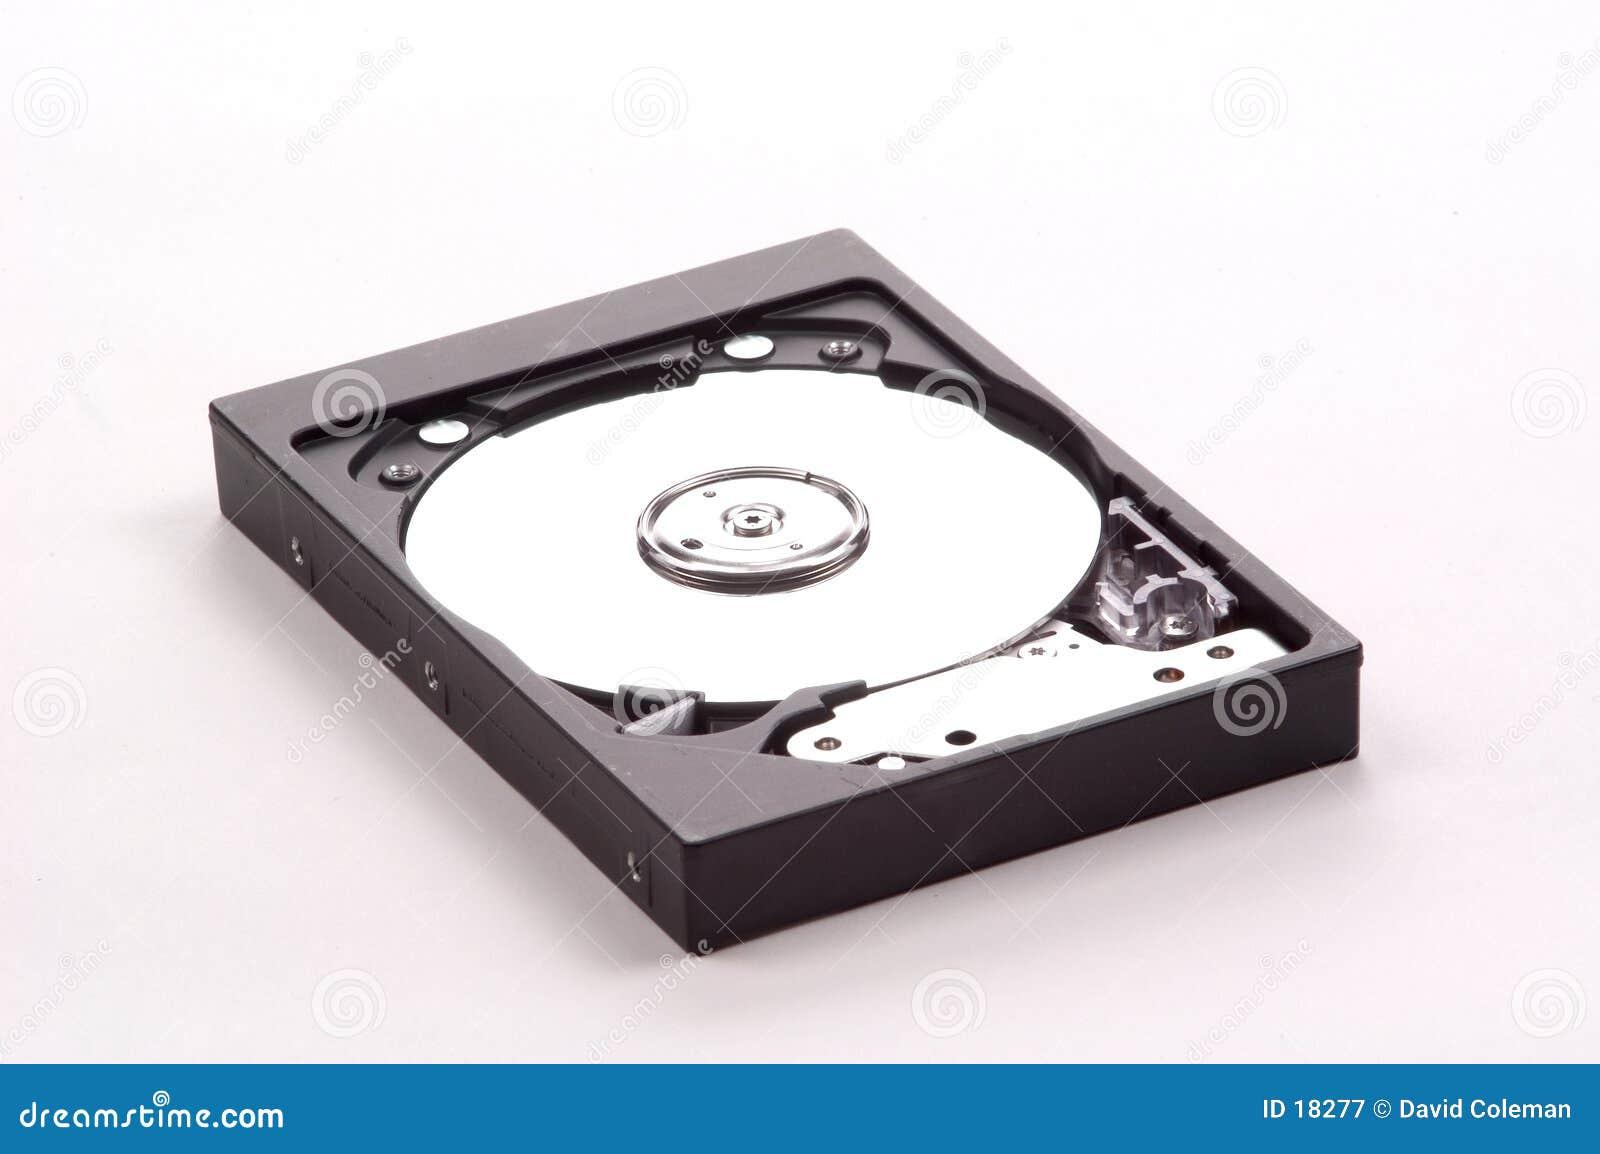 Festplattenlaufwerk herausgestellt